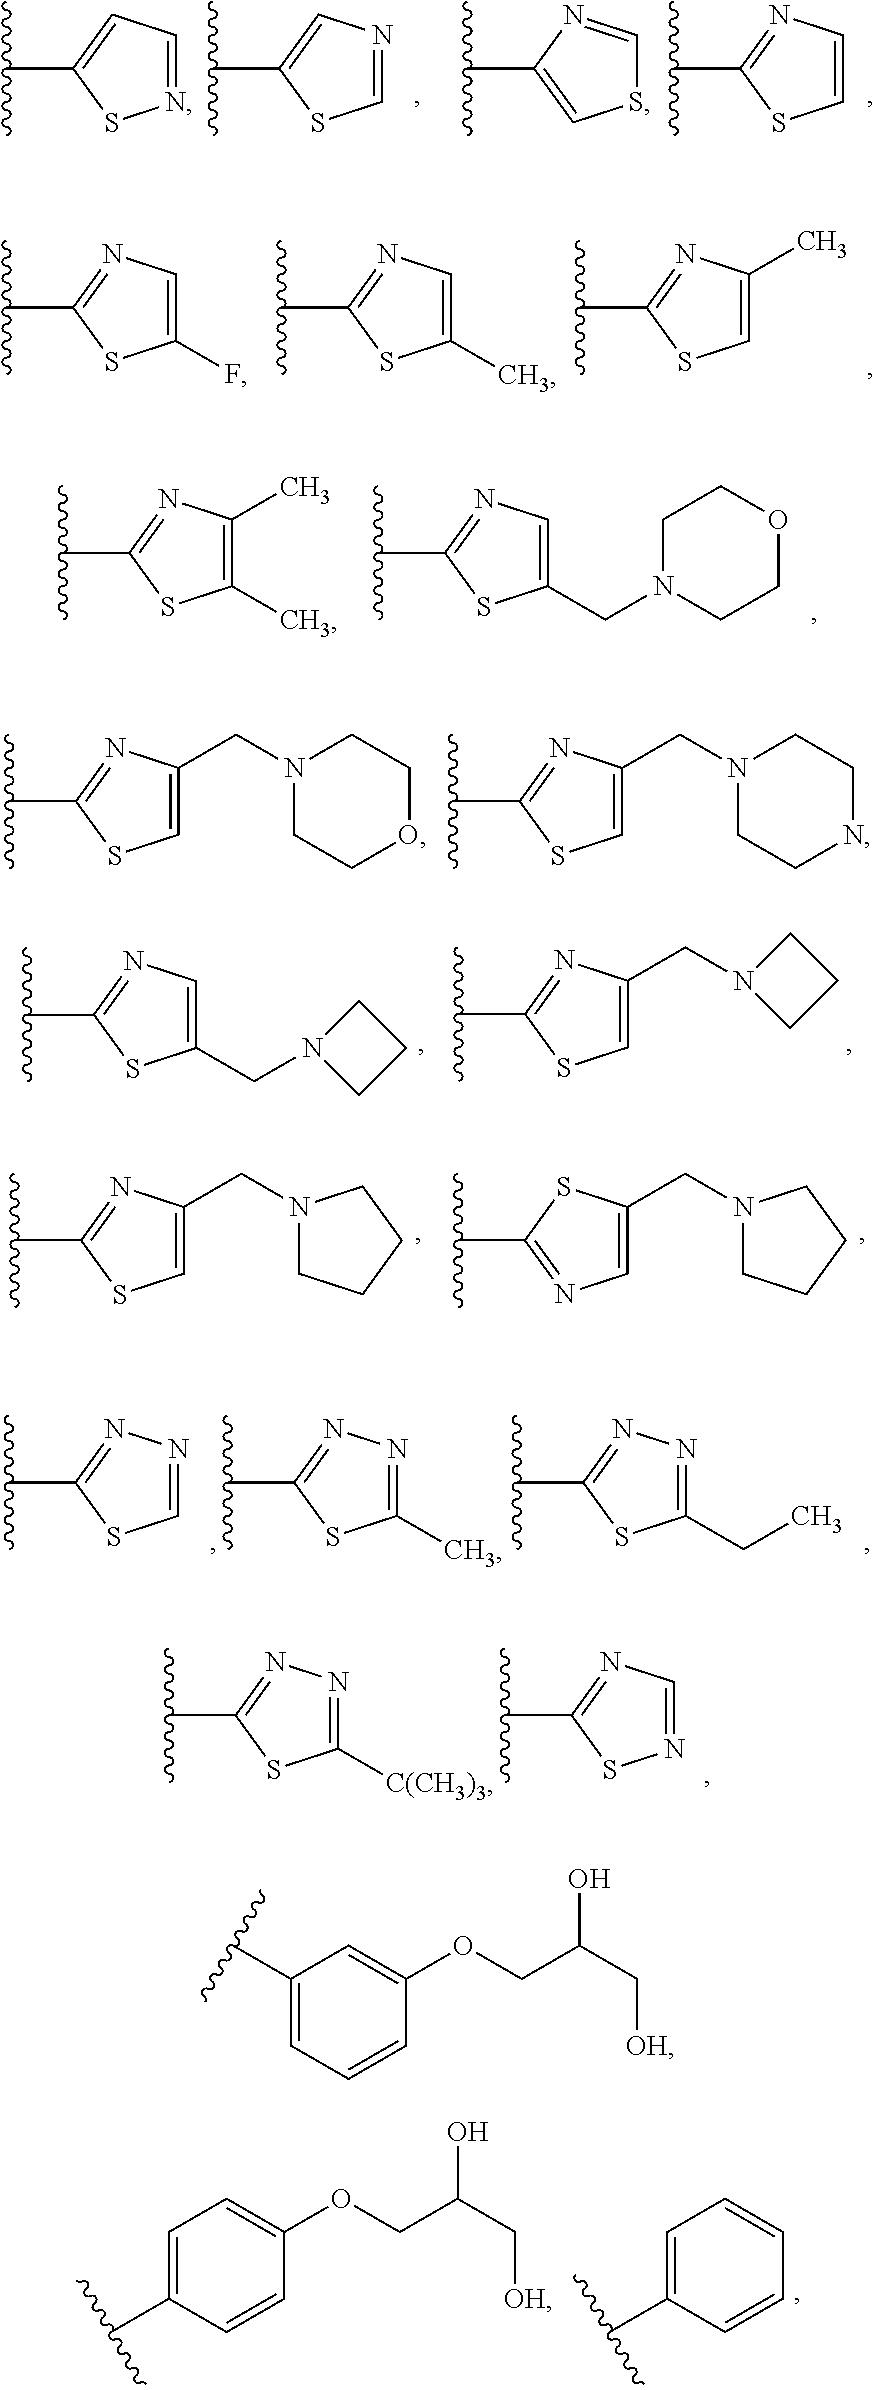 Figure US09326986-20160503-C00018